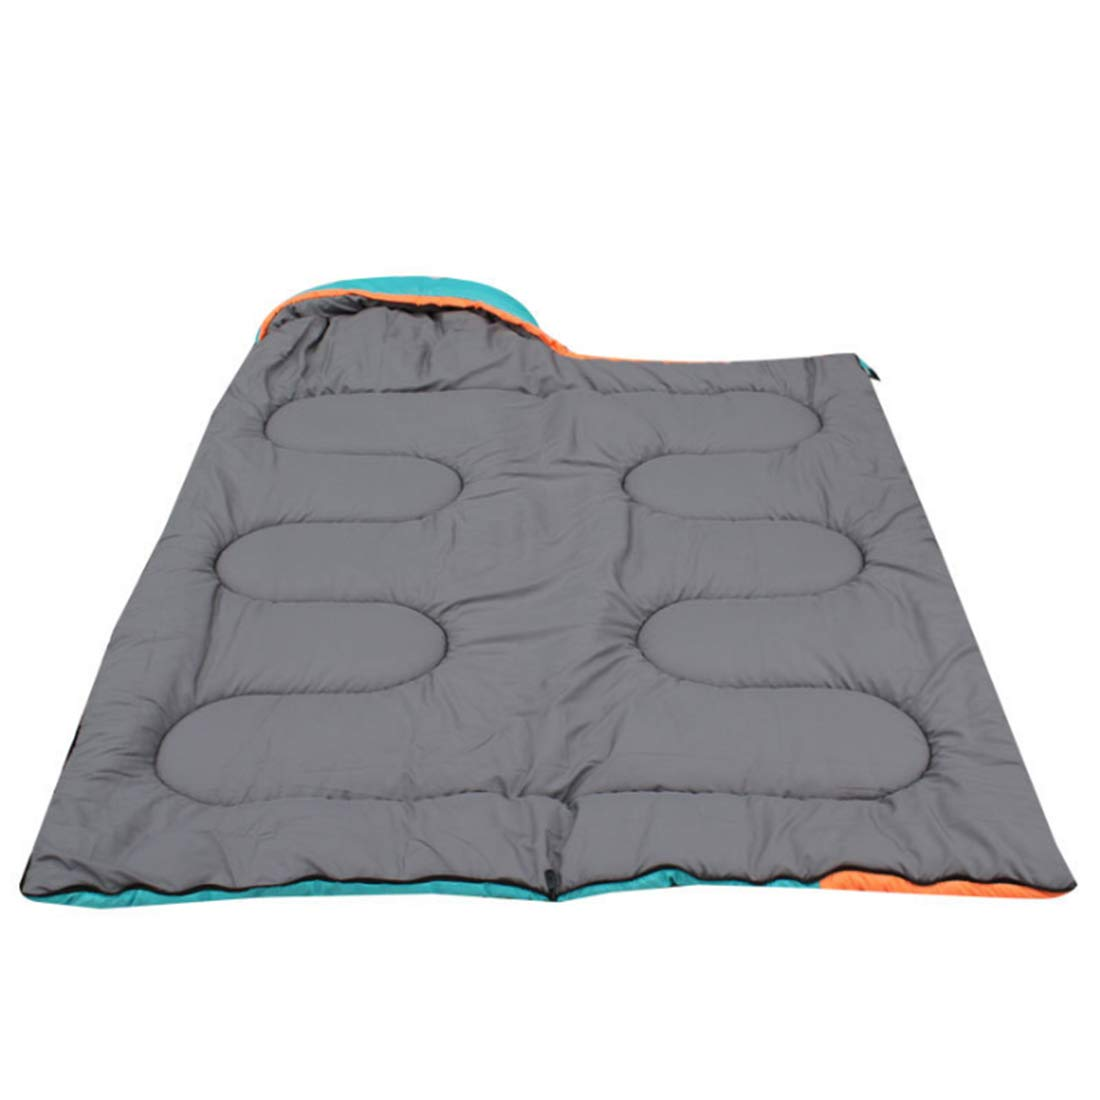 Shiduoli Erwachsene Schlafsack für kalt und warm ob Reisen Camping, Wandern, Reisen ob (Farbe   Orange Blau) f61ba5